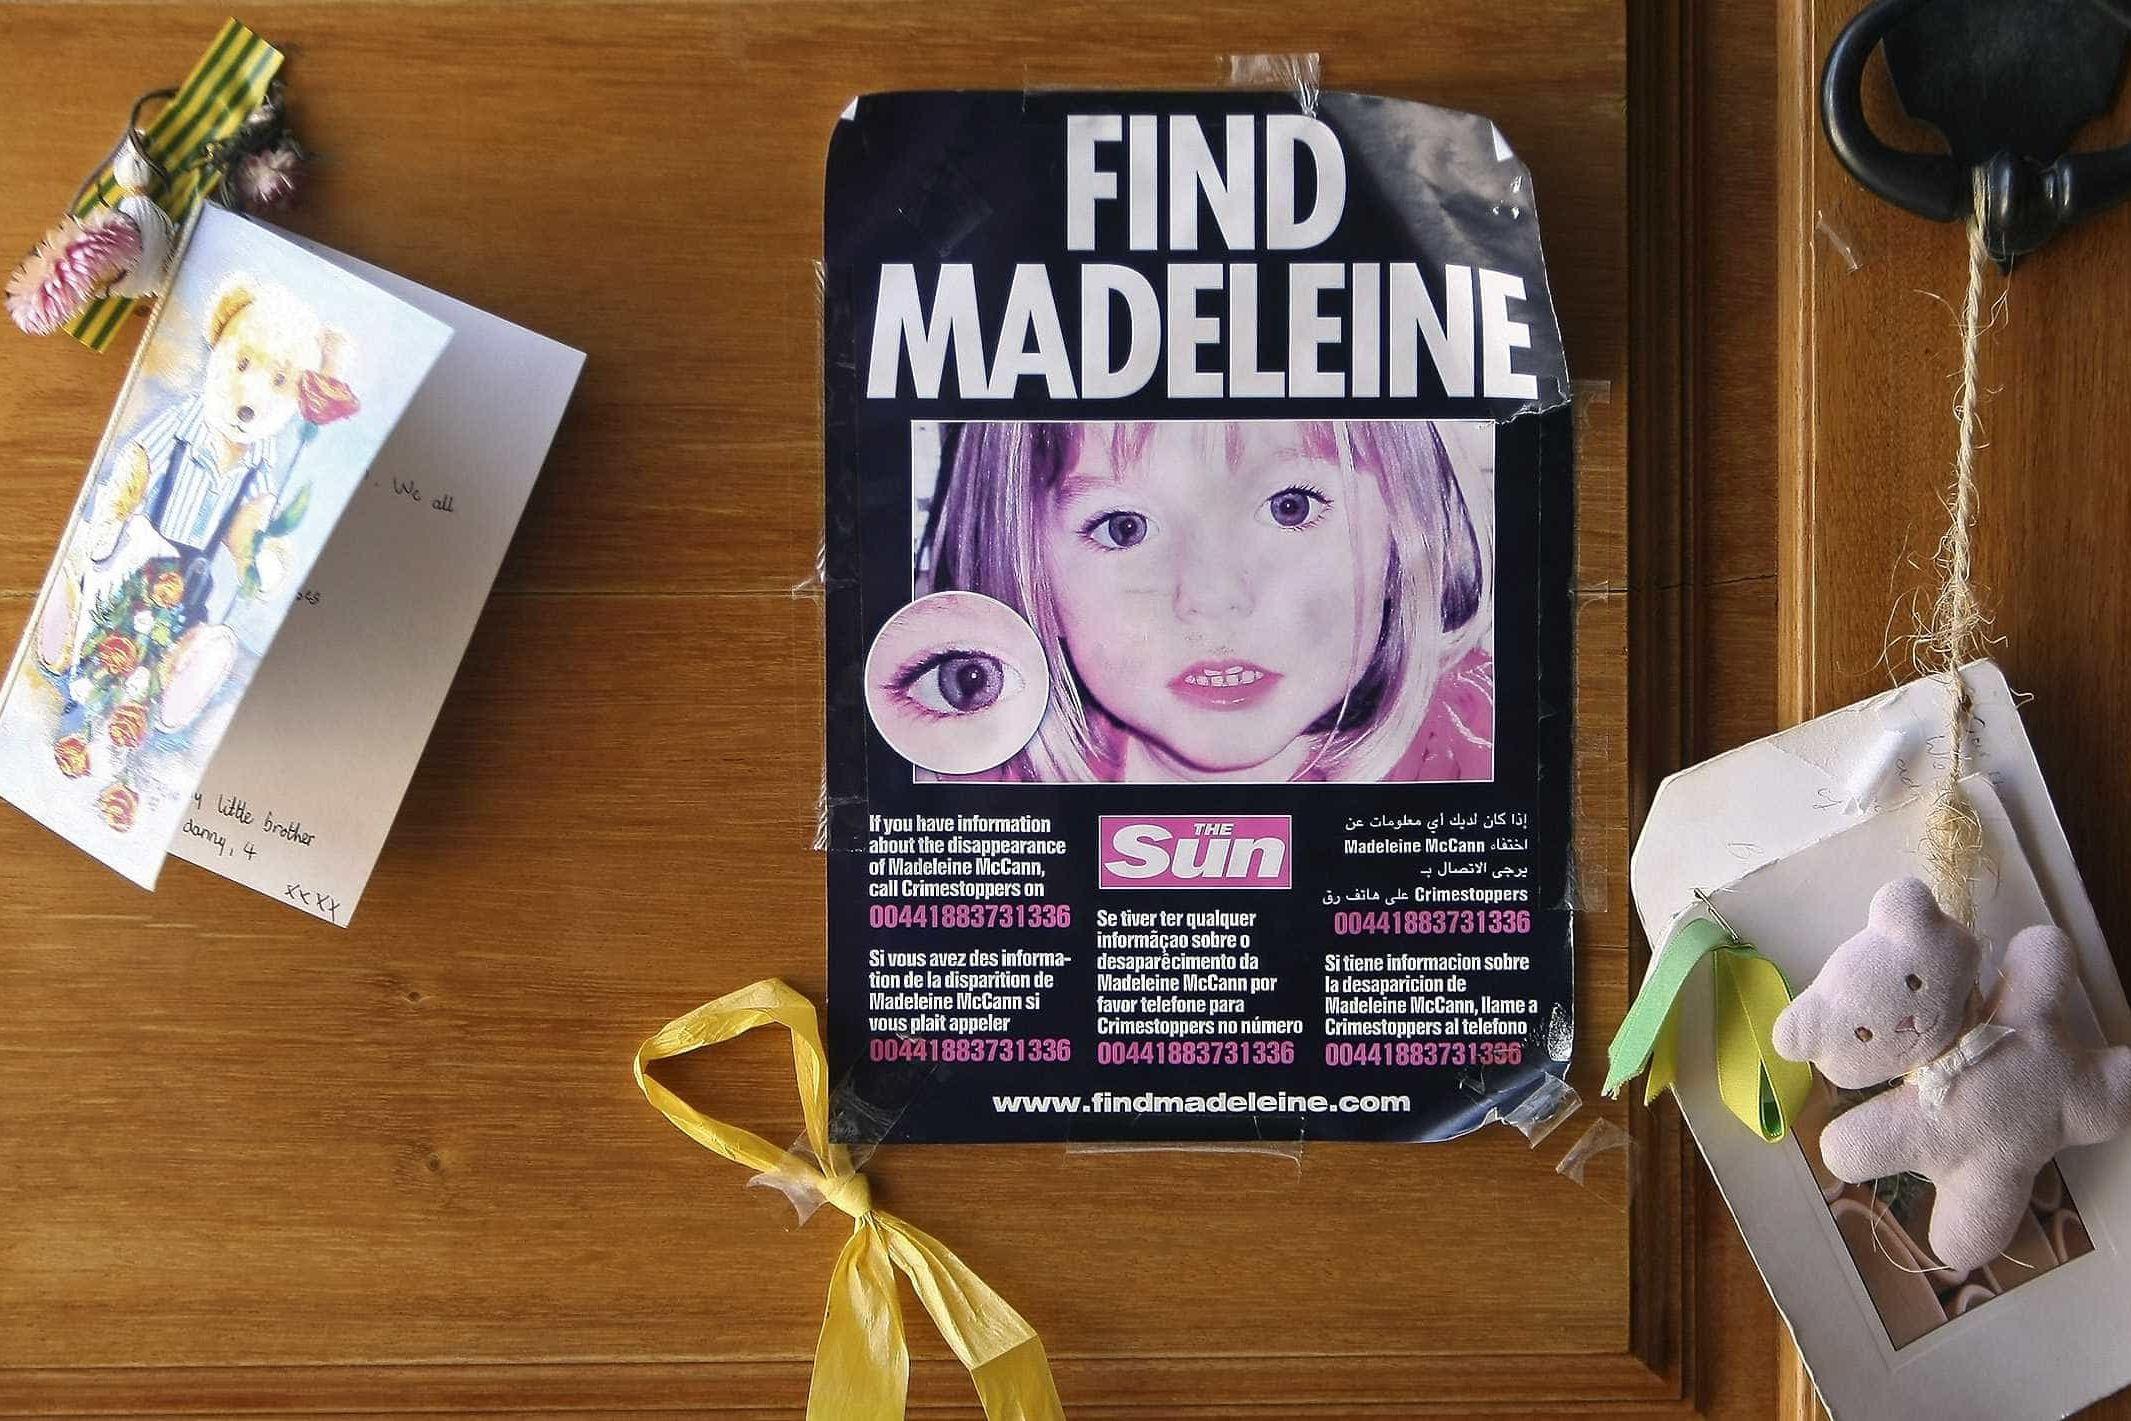 Detetive britânico acredita que Maddie está viva e escondida em Portugal